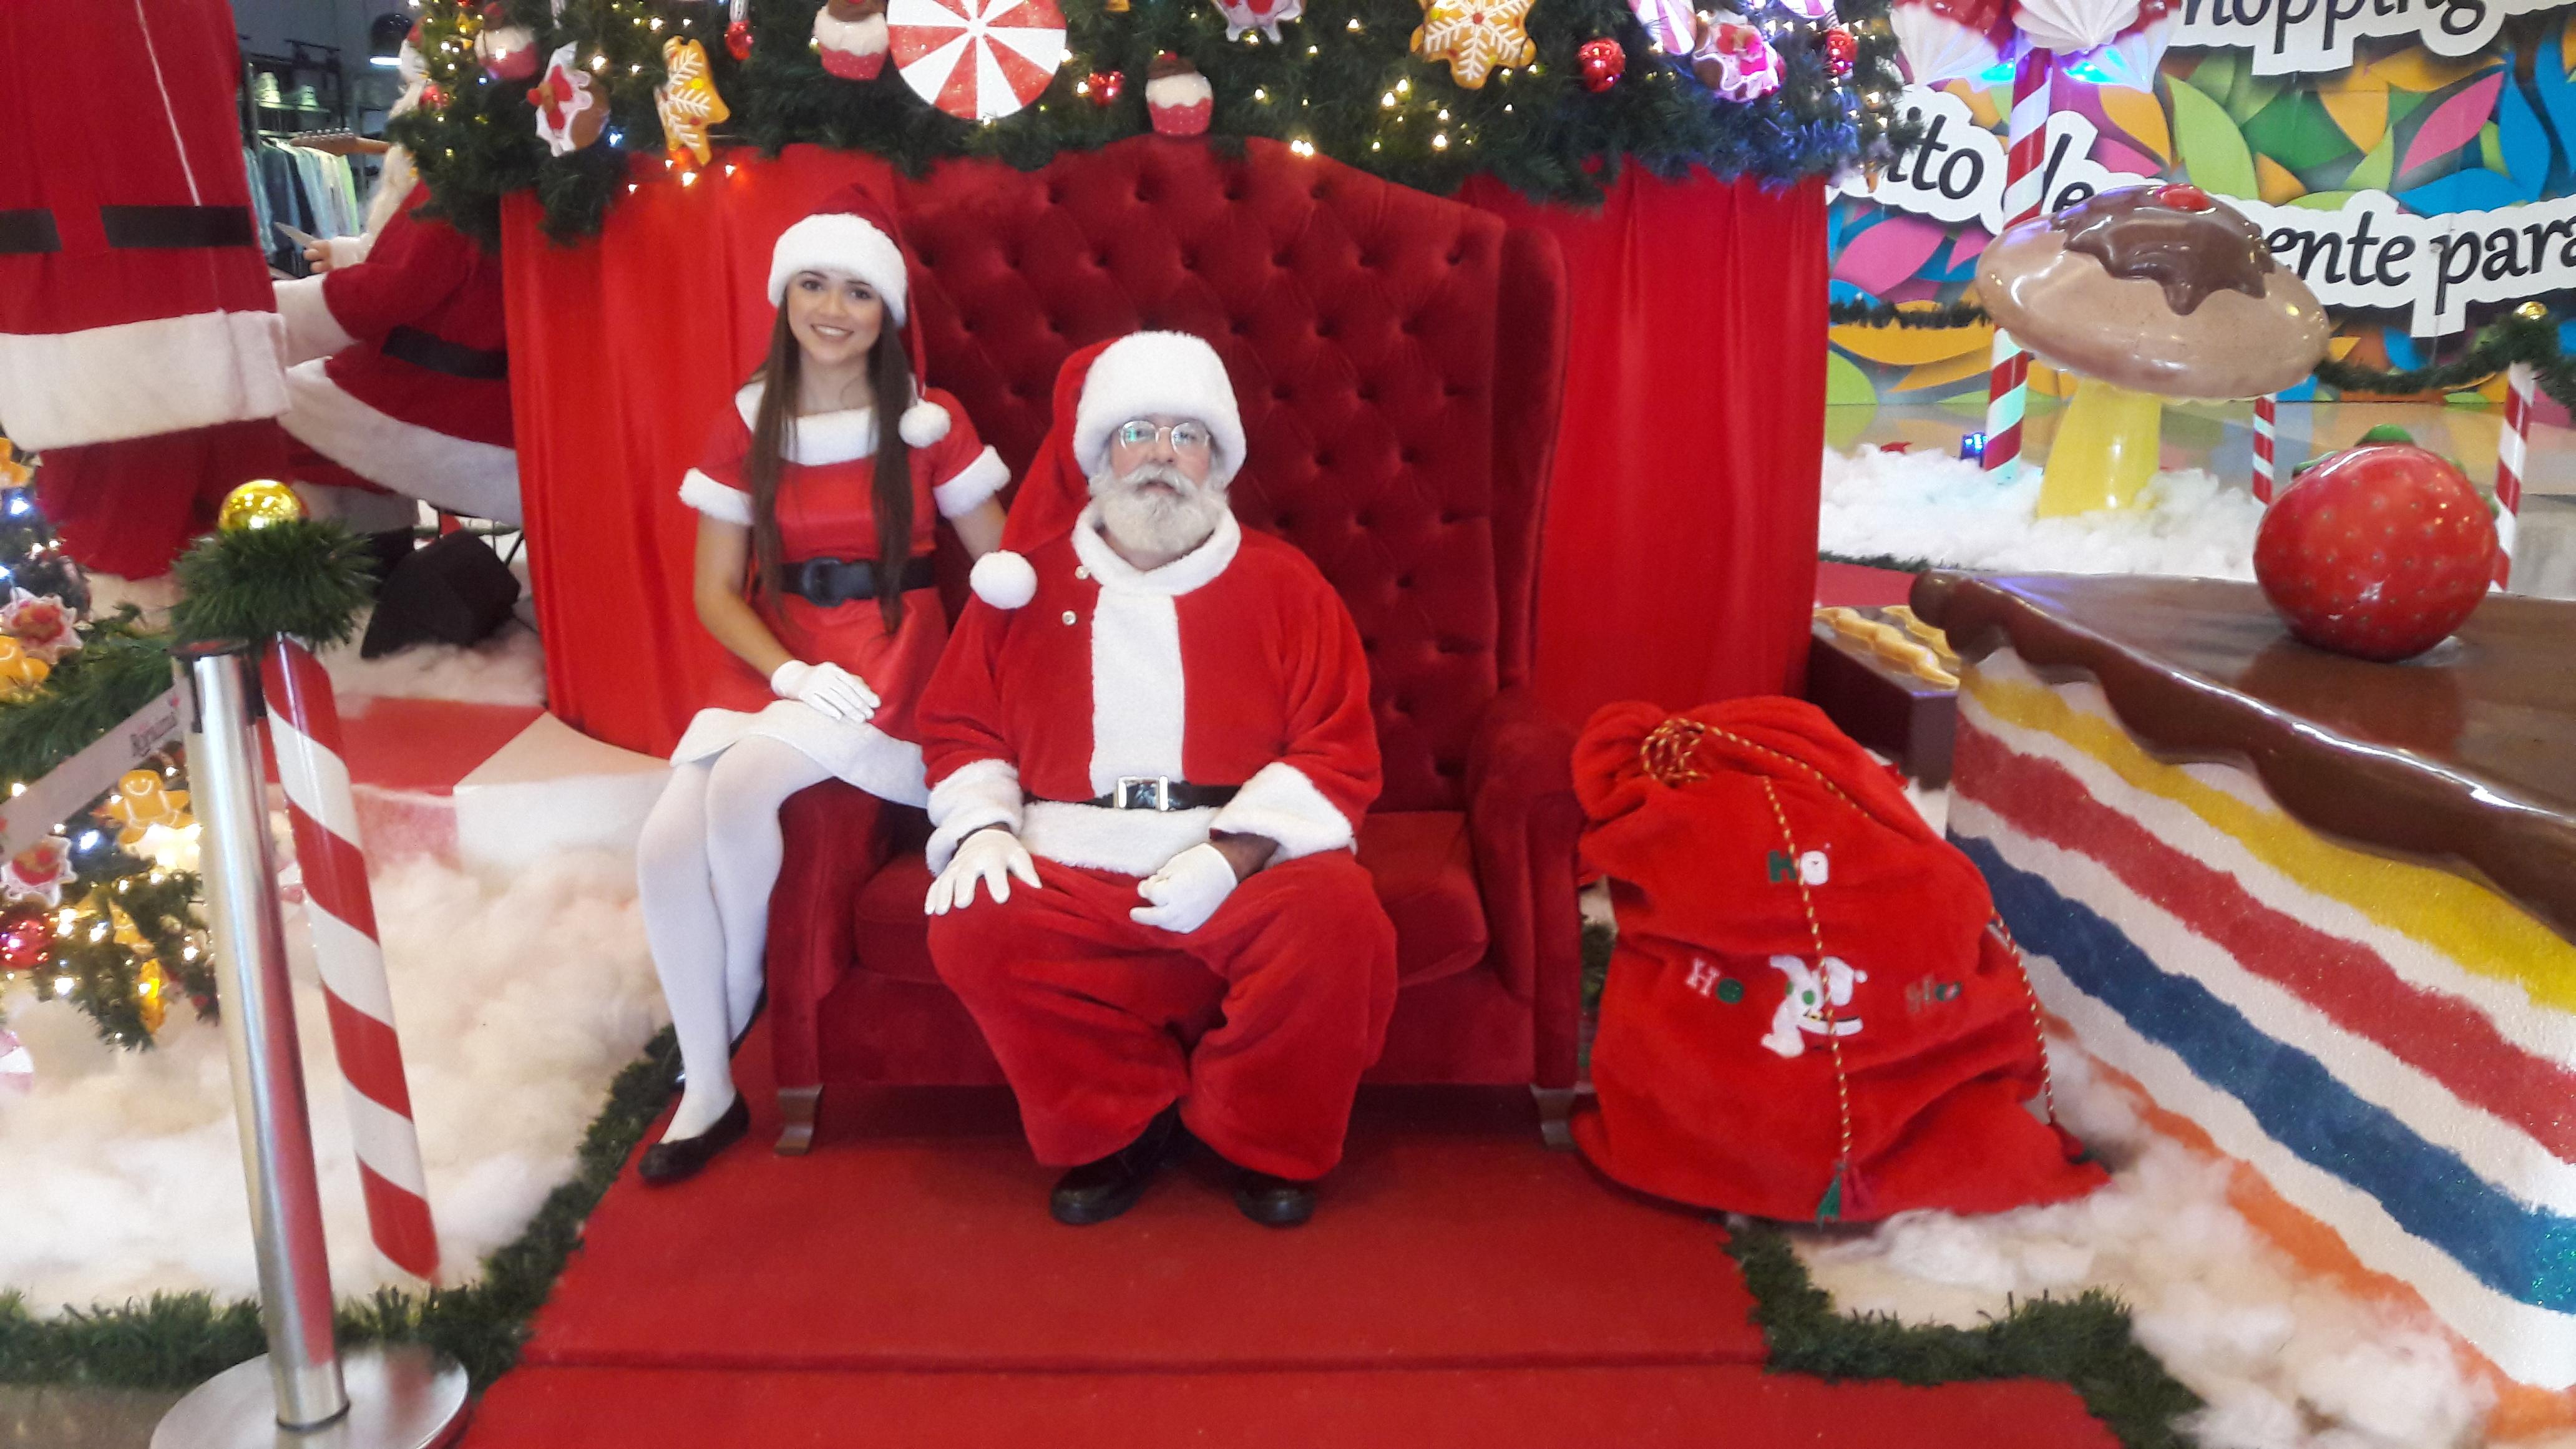 A Rena Mais Famosa Do Papai Noel trabalho como papai noel garante renda extra e a alegria da